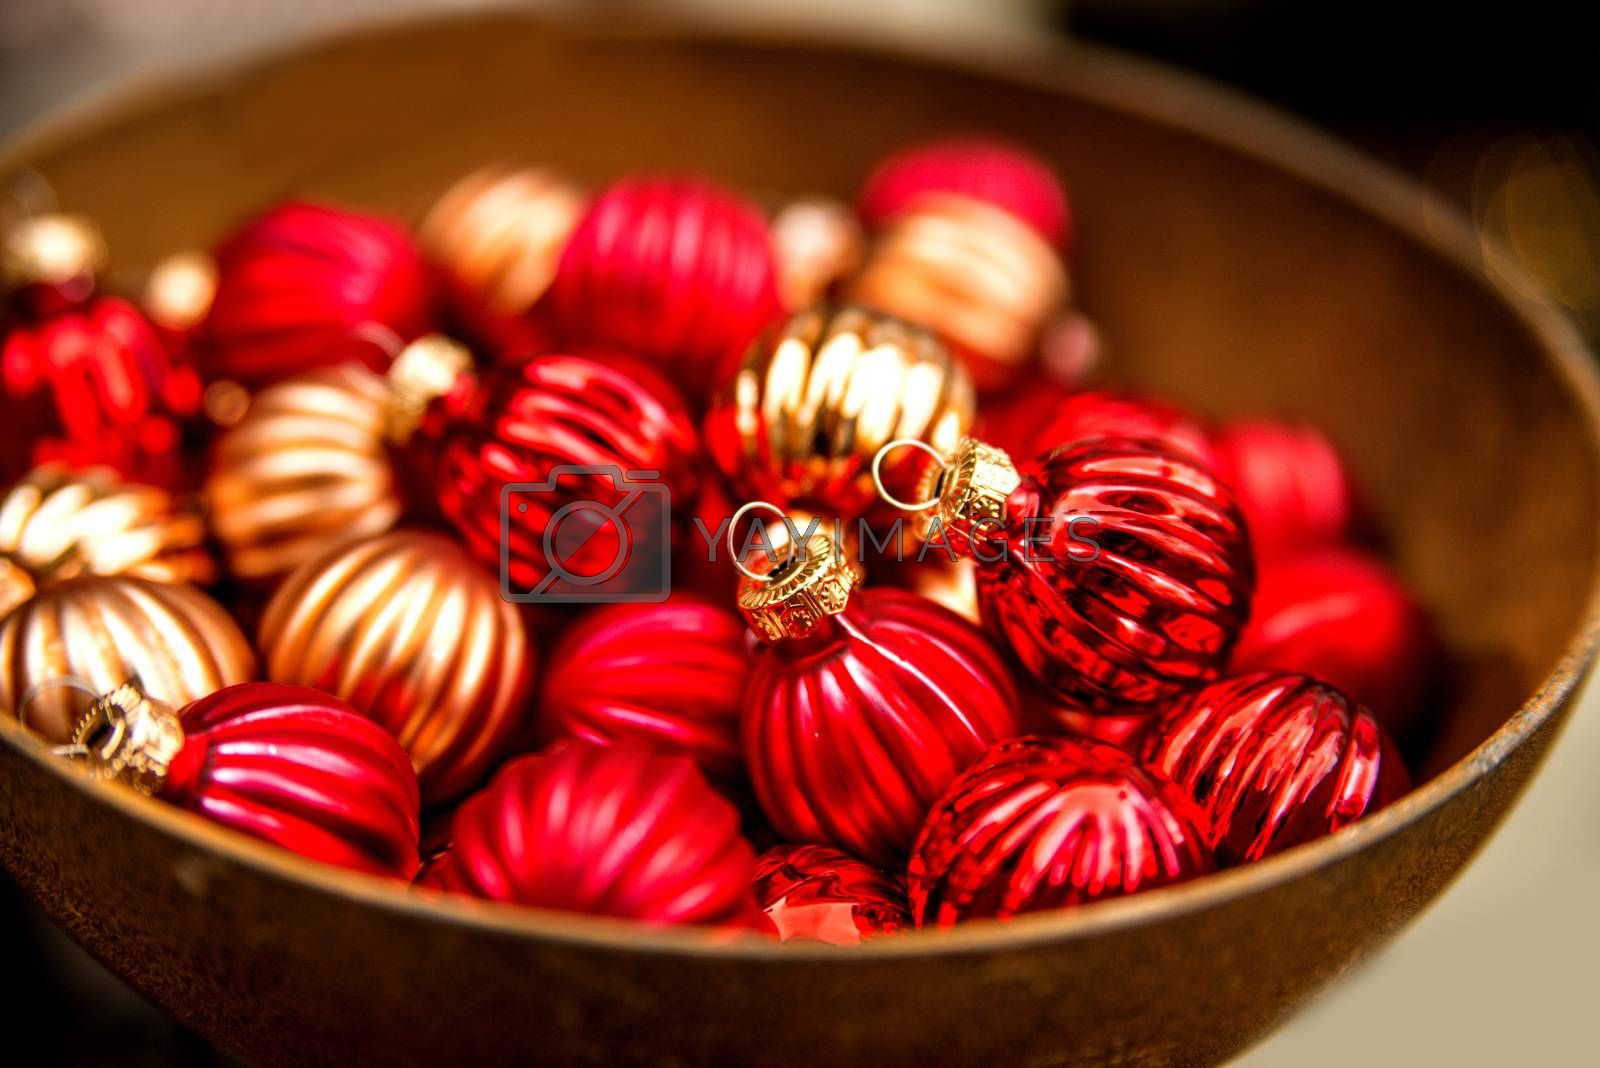 Christmas balls at a christmas market by Jochen